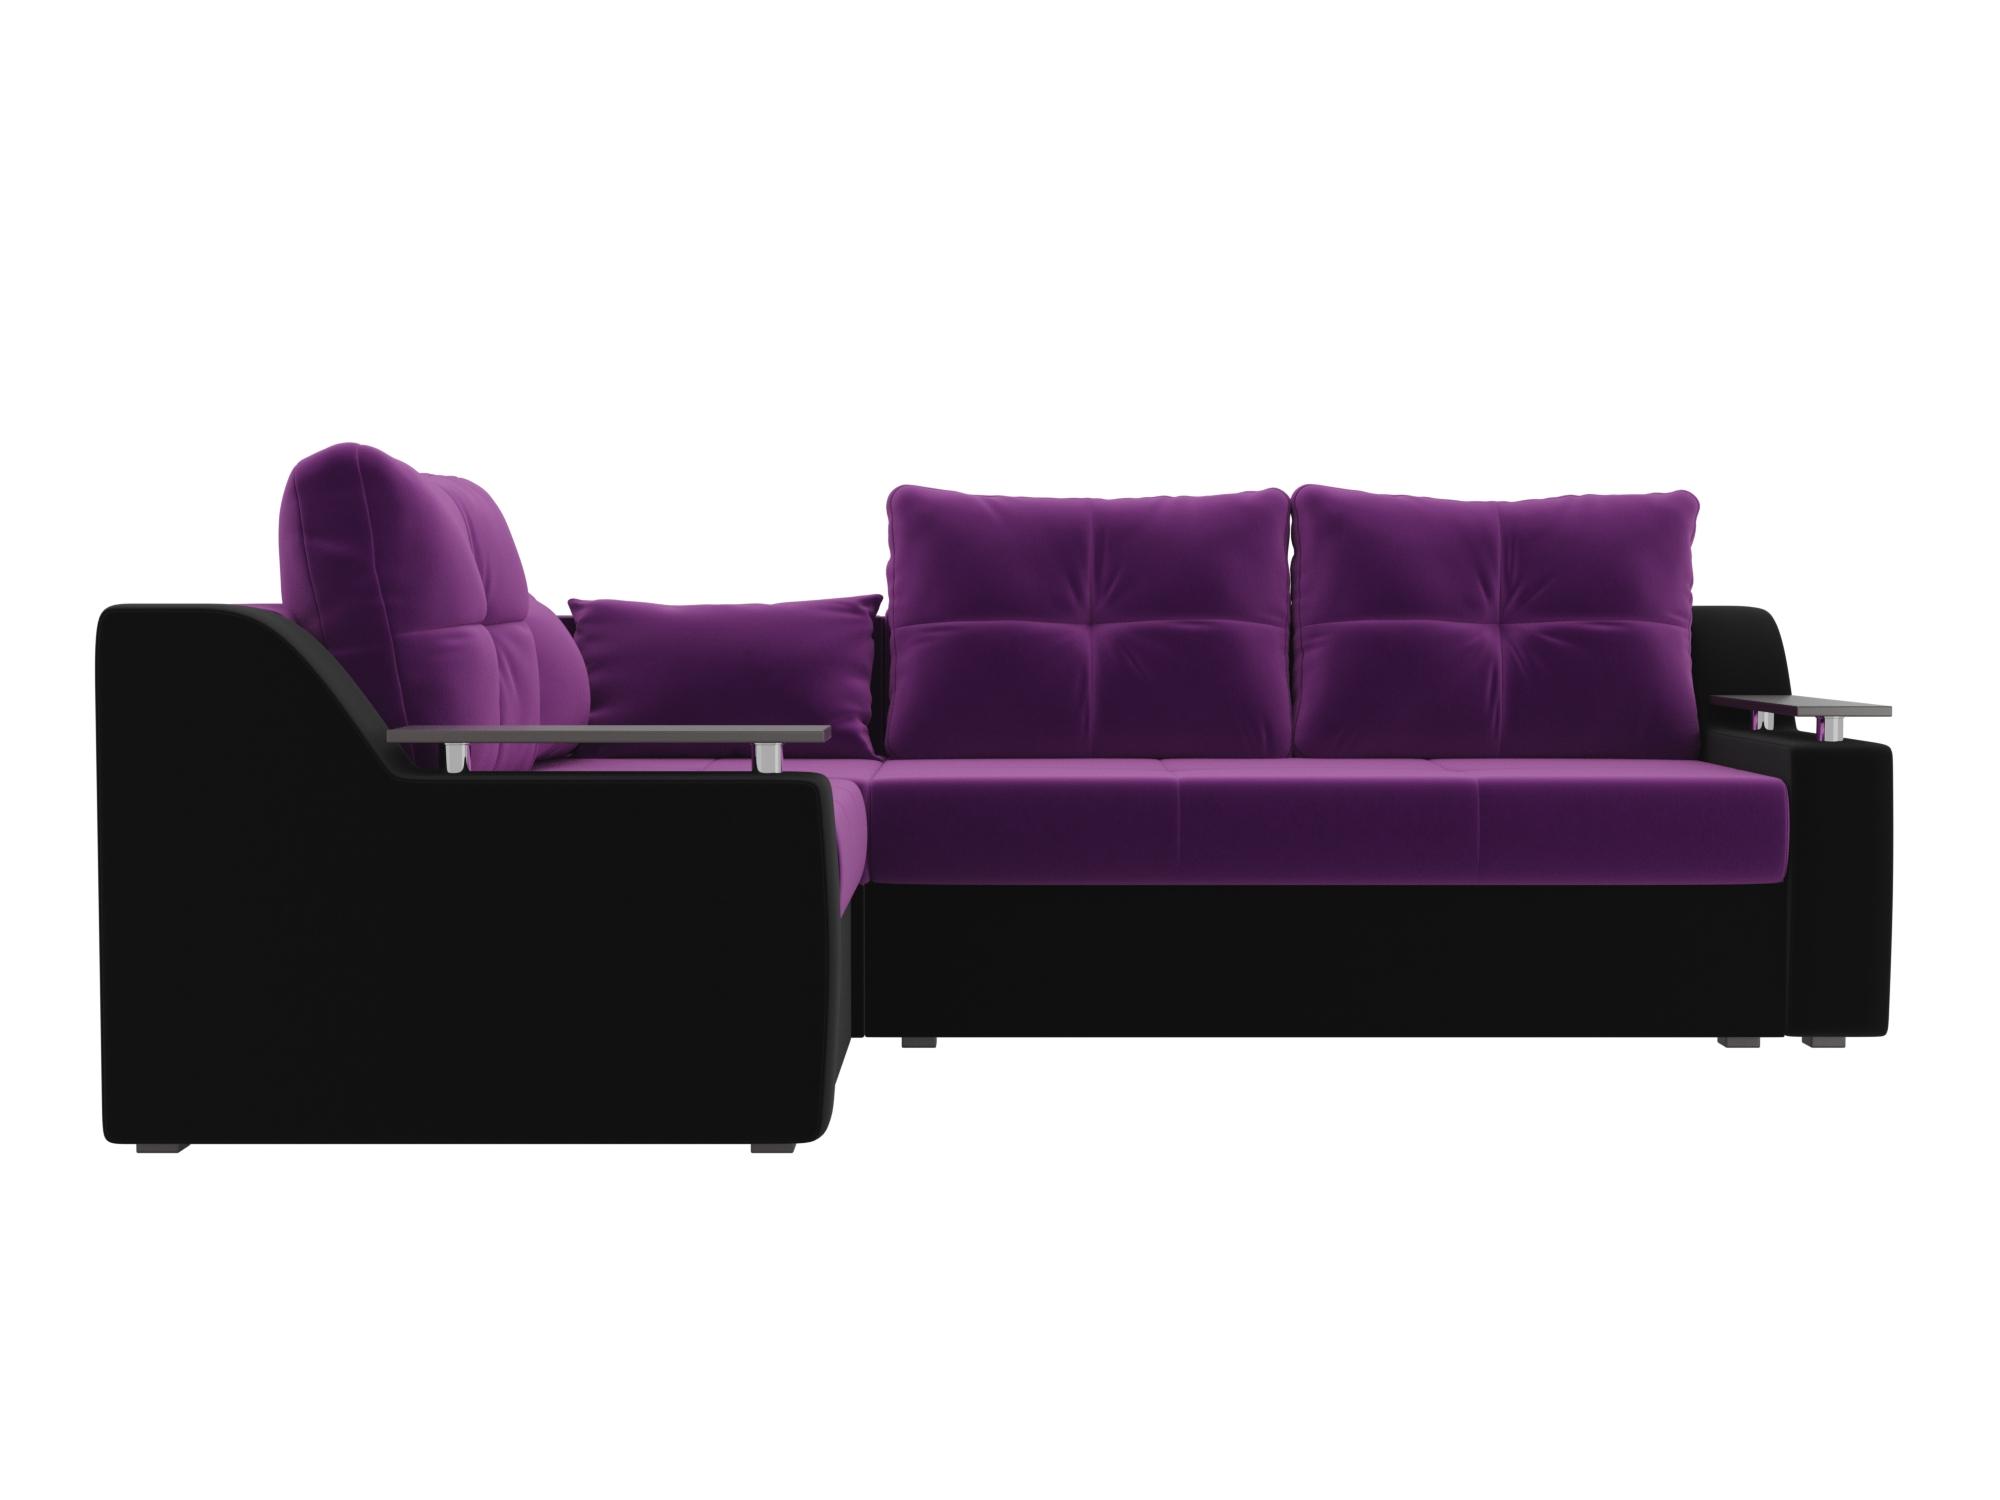 Угловой диван Кронос Левый MebelVia Фиолетовый, Черный, Микровельвет Фиолетовый, Черный